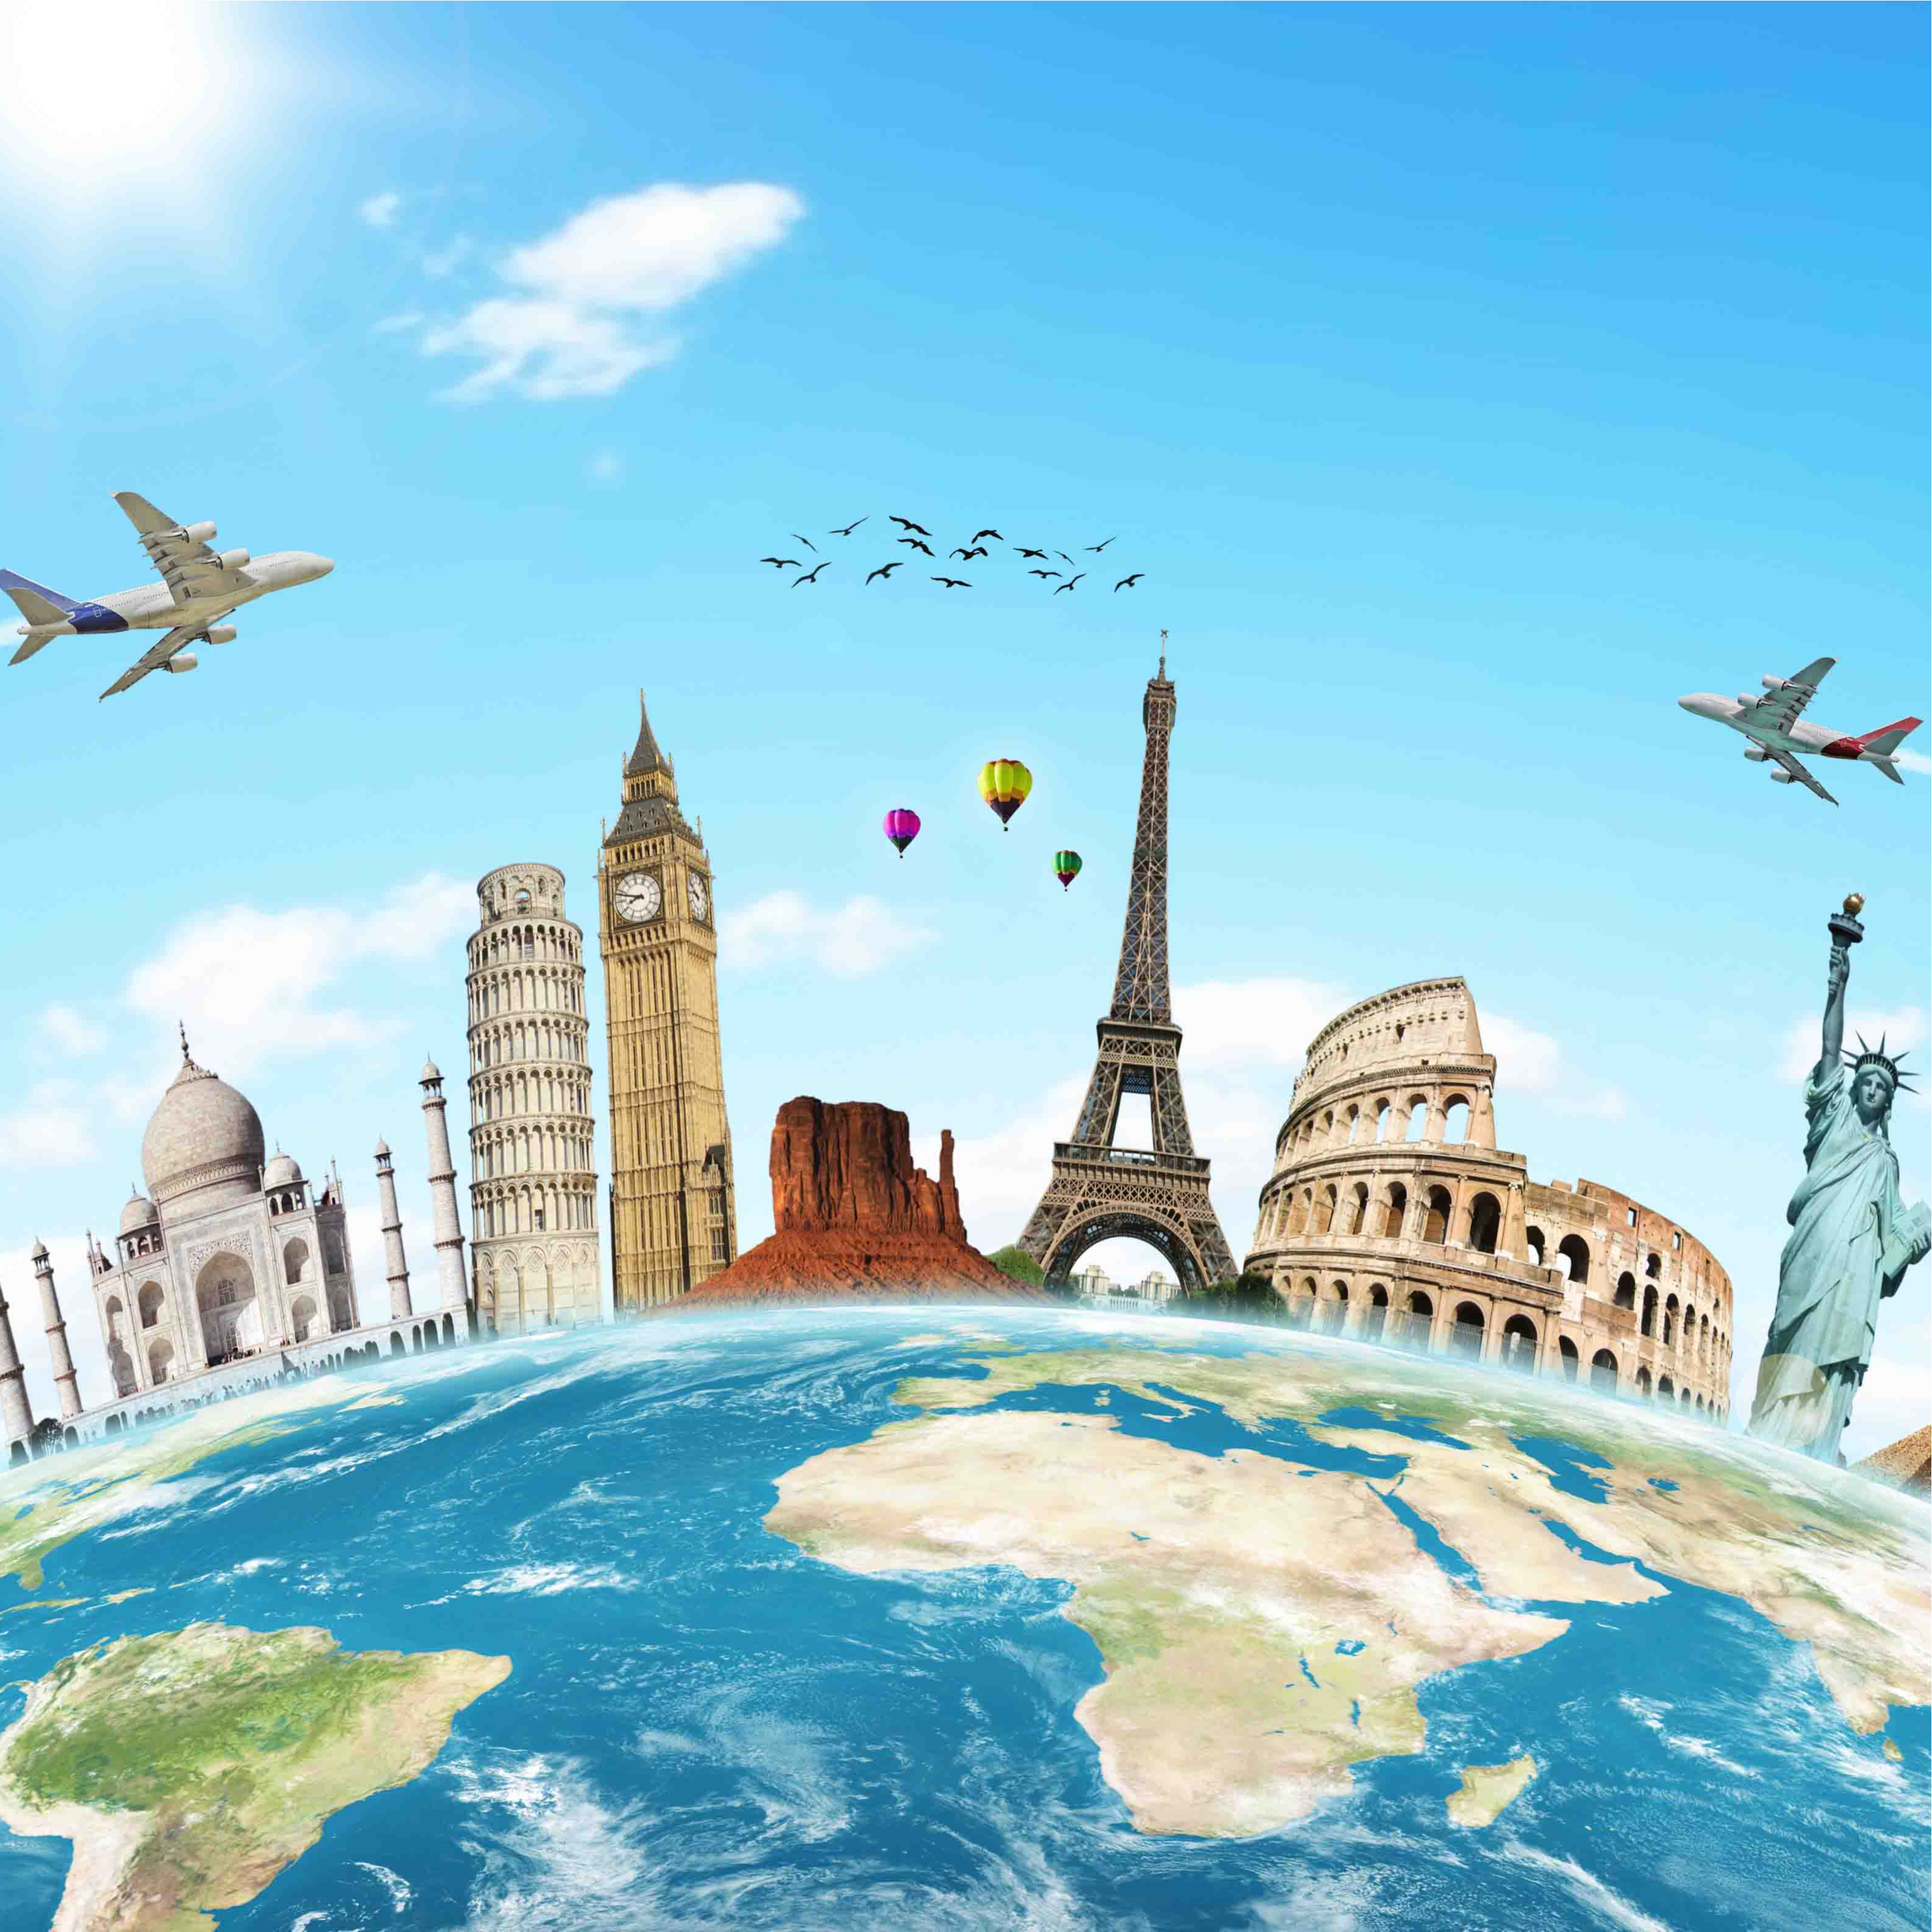 Du lịch và trải nghiệm